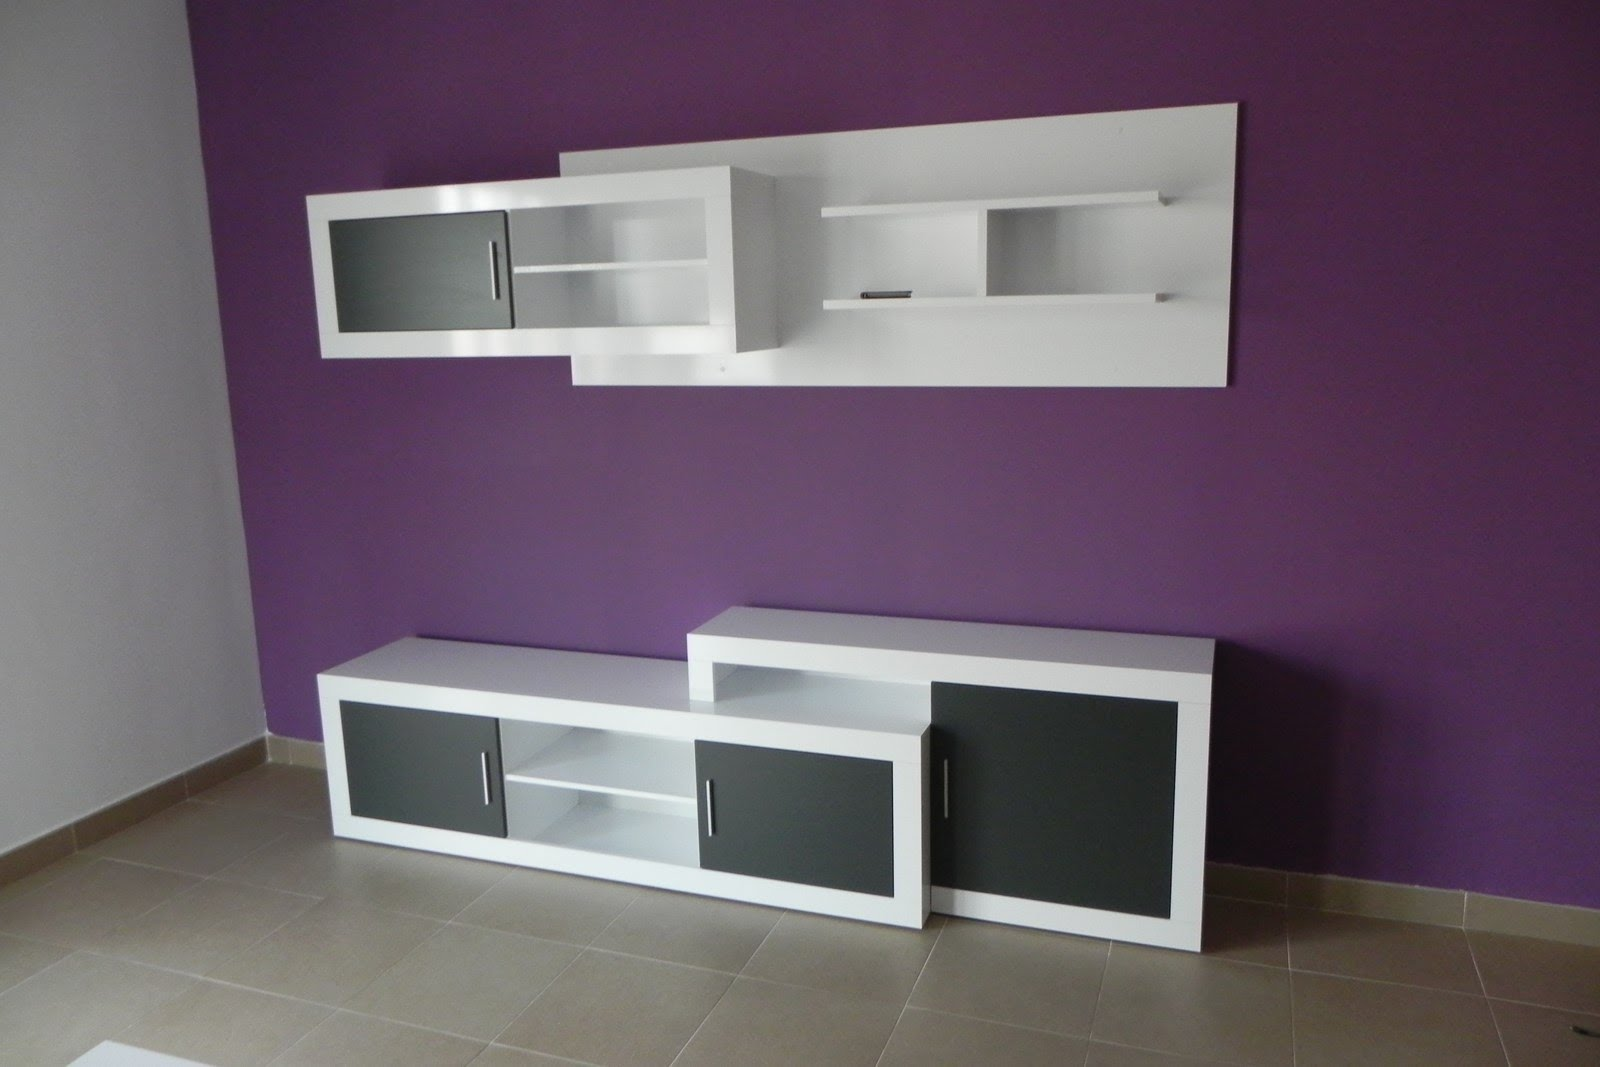 Paredes de pladur precios beautiful paredes de pladur - Precios de pladur ...